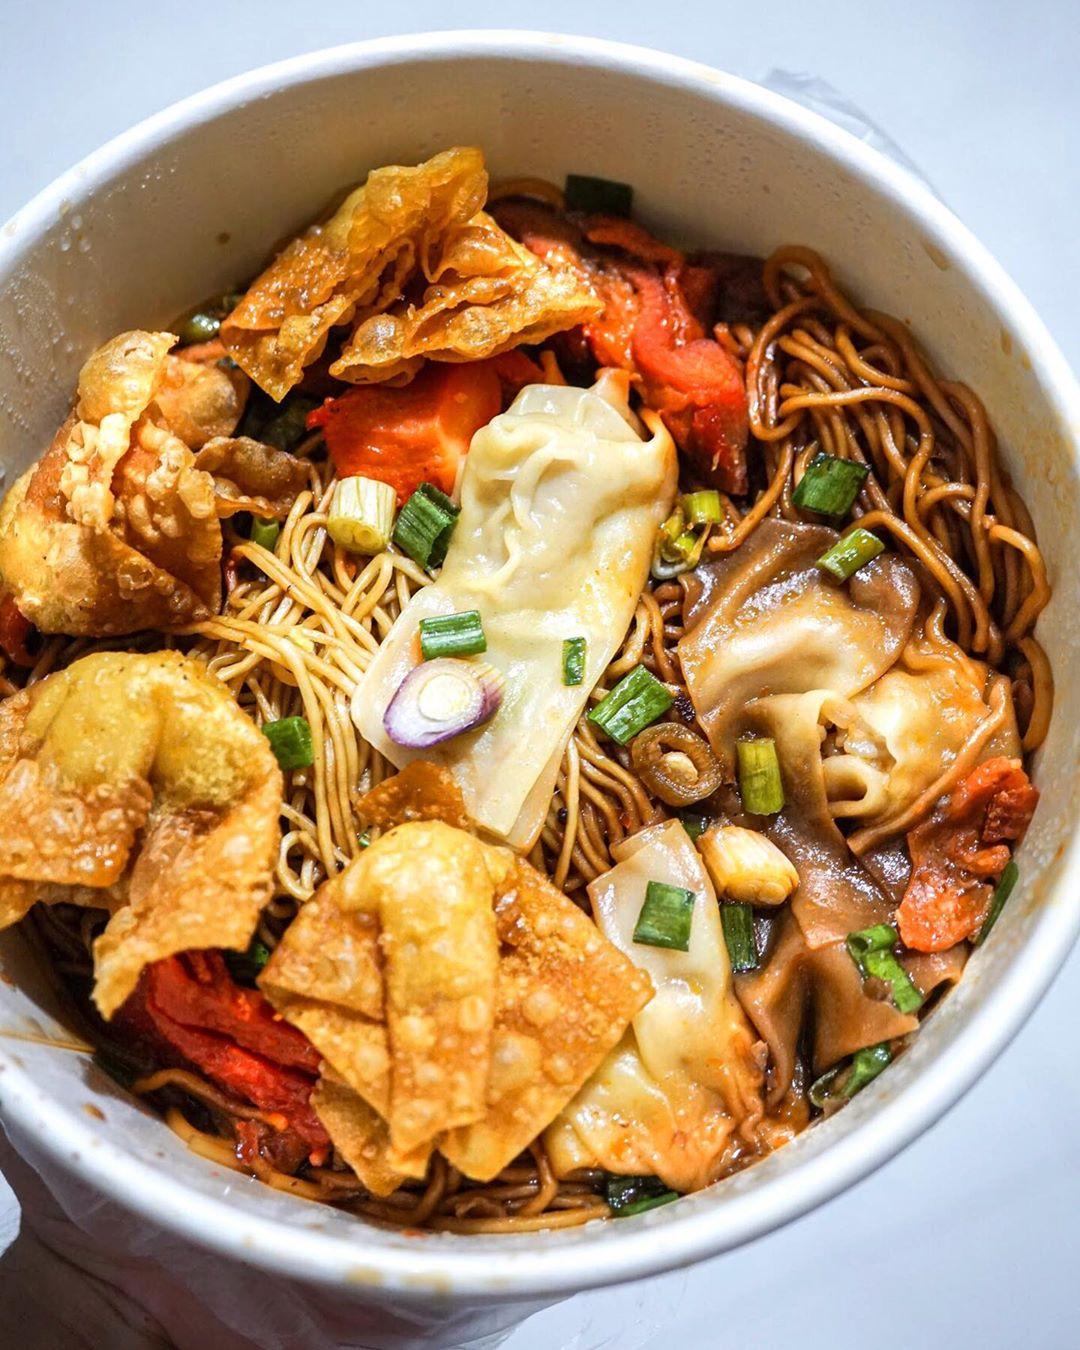 Wanton noodle Encik Tan. Instagram @pictorialfood